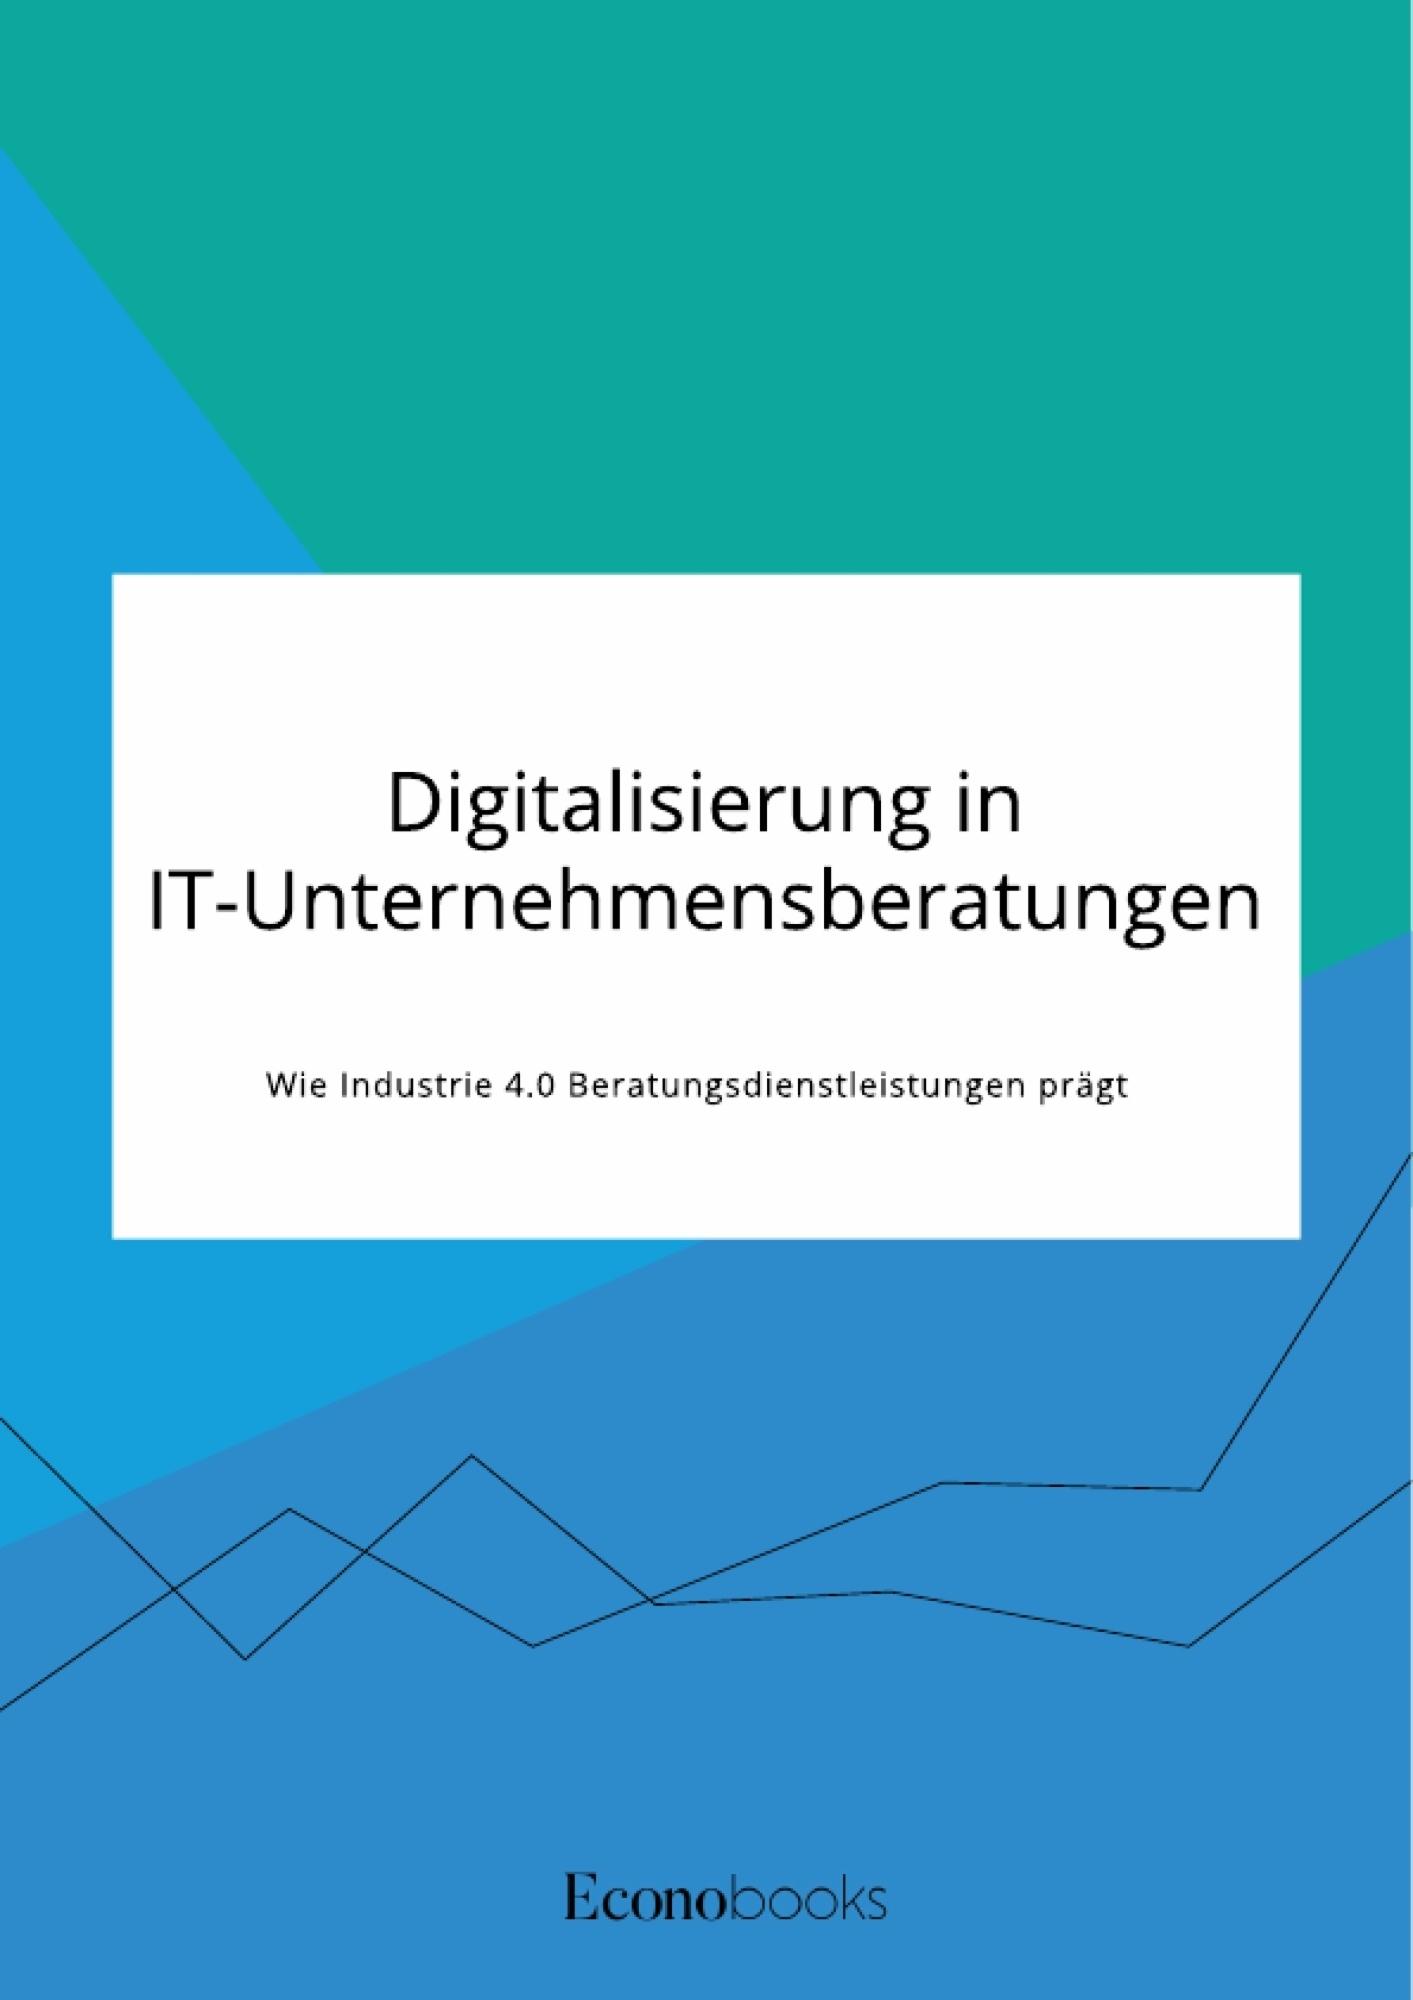 Titel: Digitalisierung in IT-Unternehmensberatungen. Wie Industrie 4.0 Beratungsdienstleistungen prägt